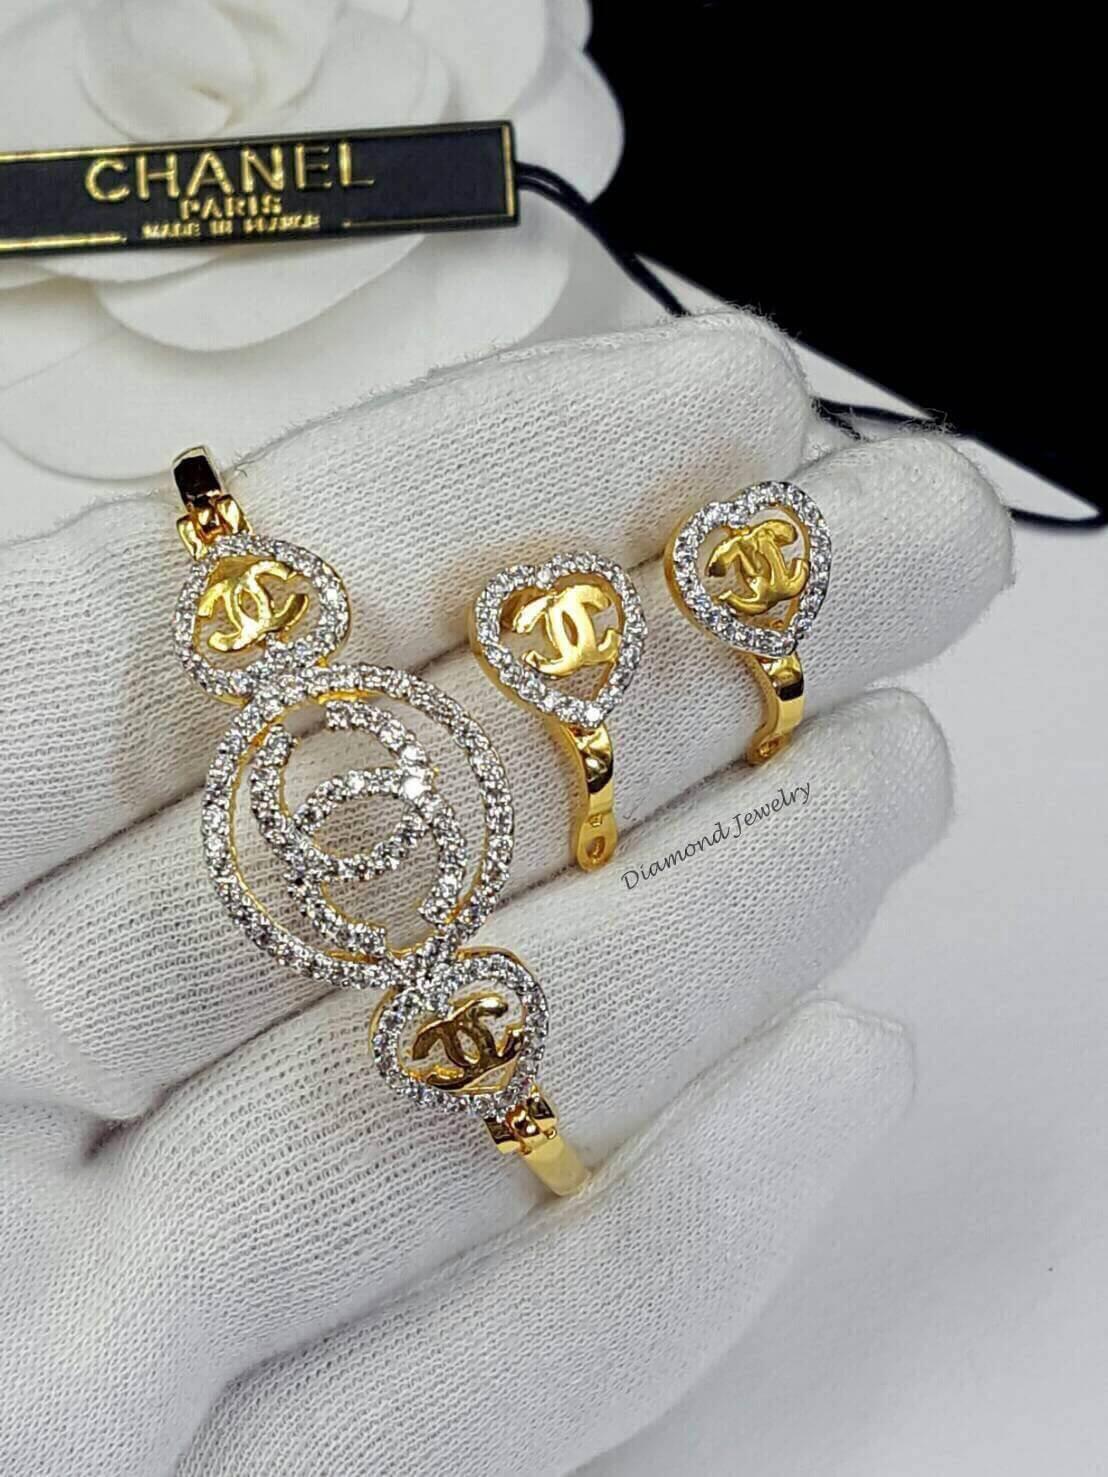 ต่างหู & กำไลข้อมือ Chanel งานทอง 5 ไมครอน